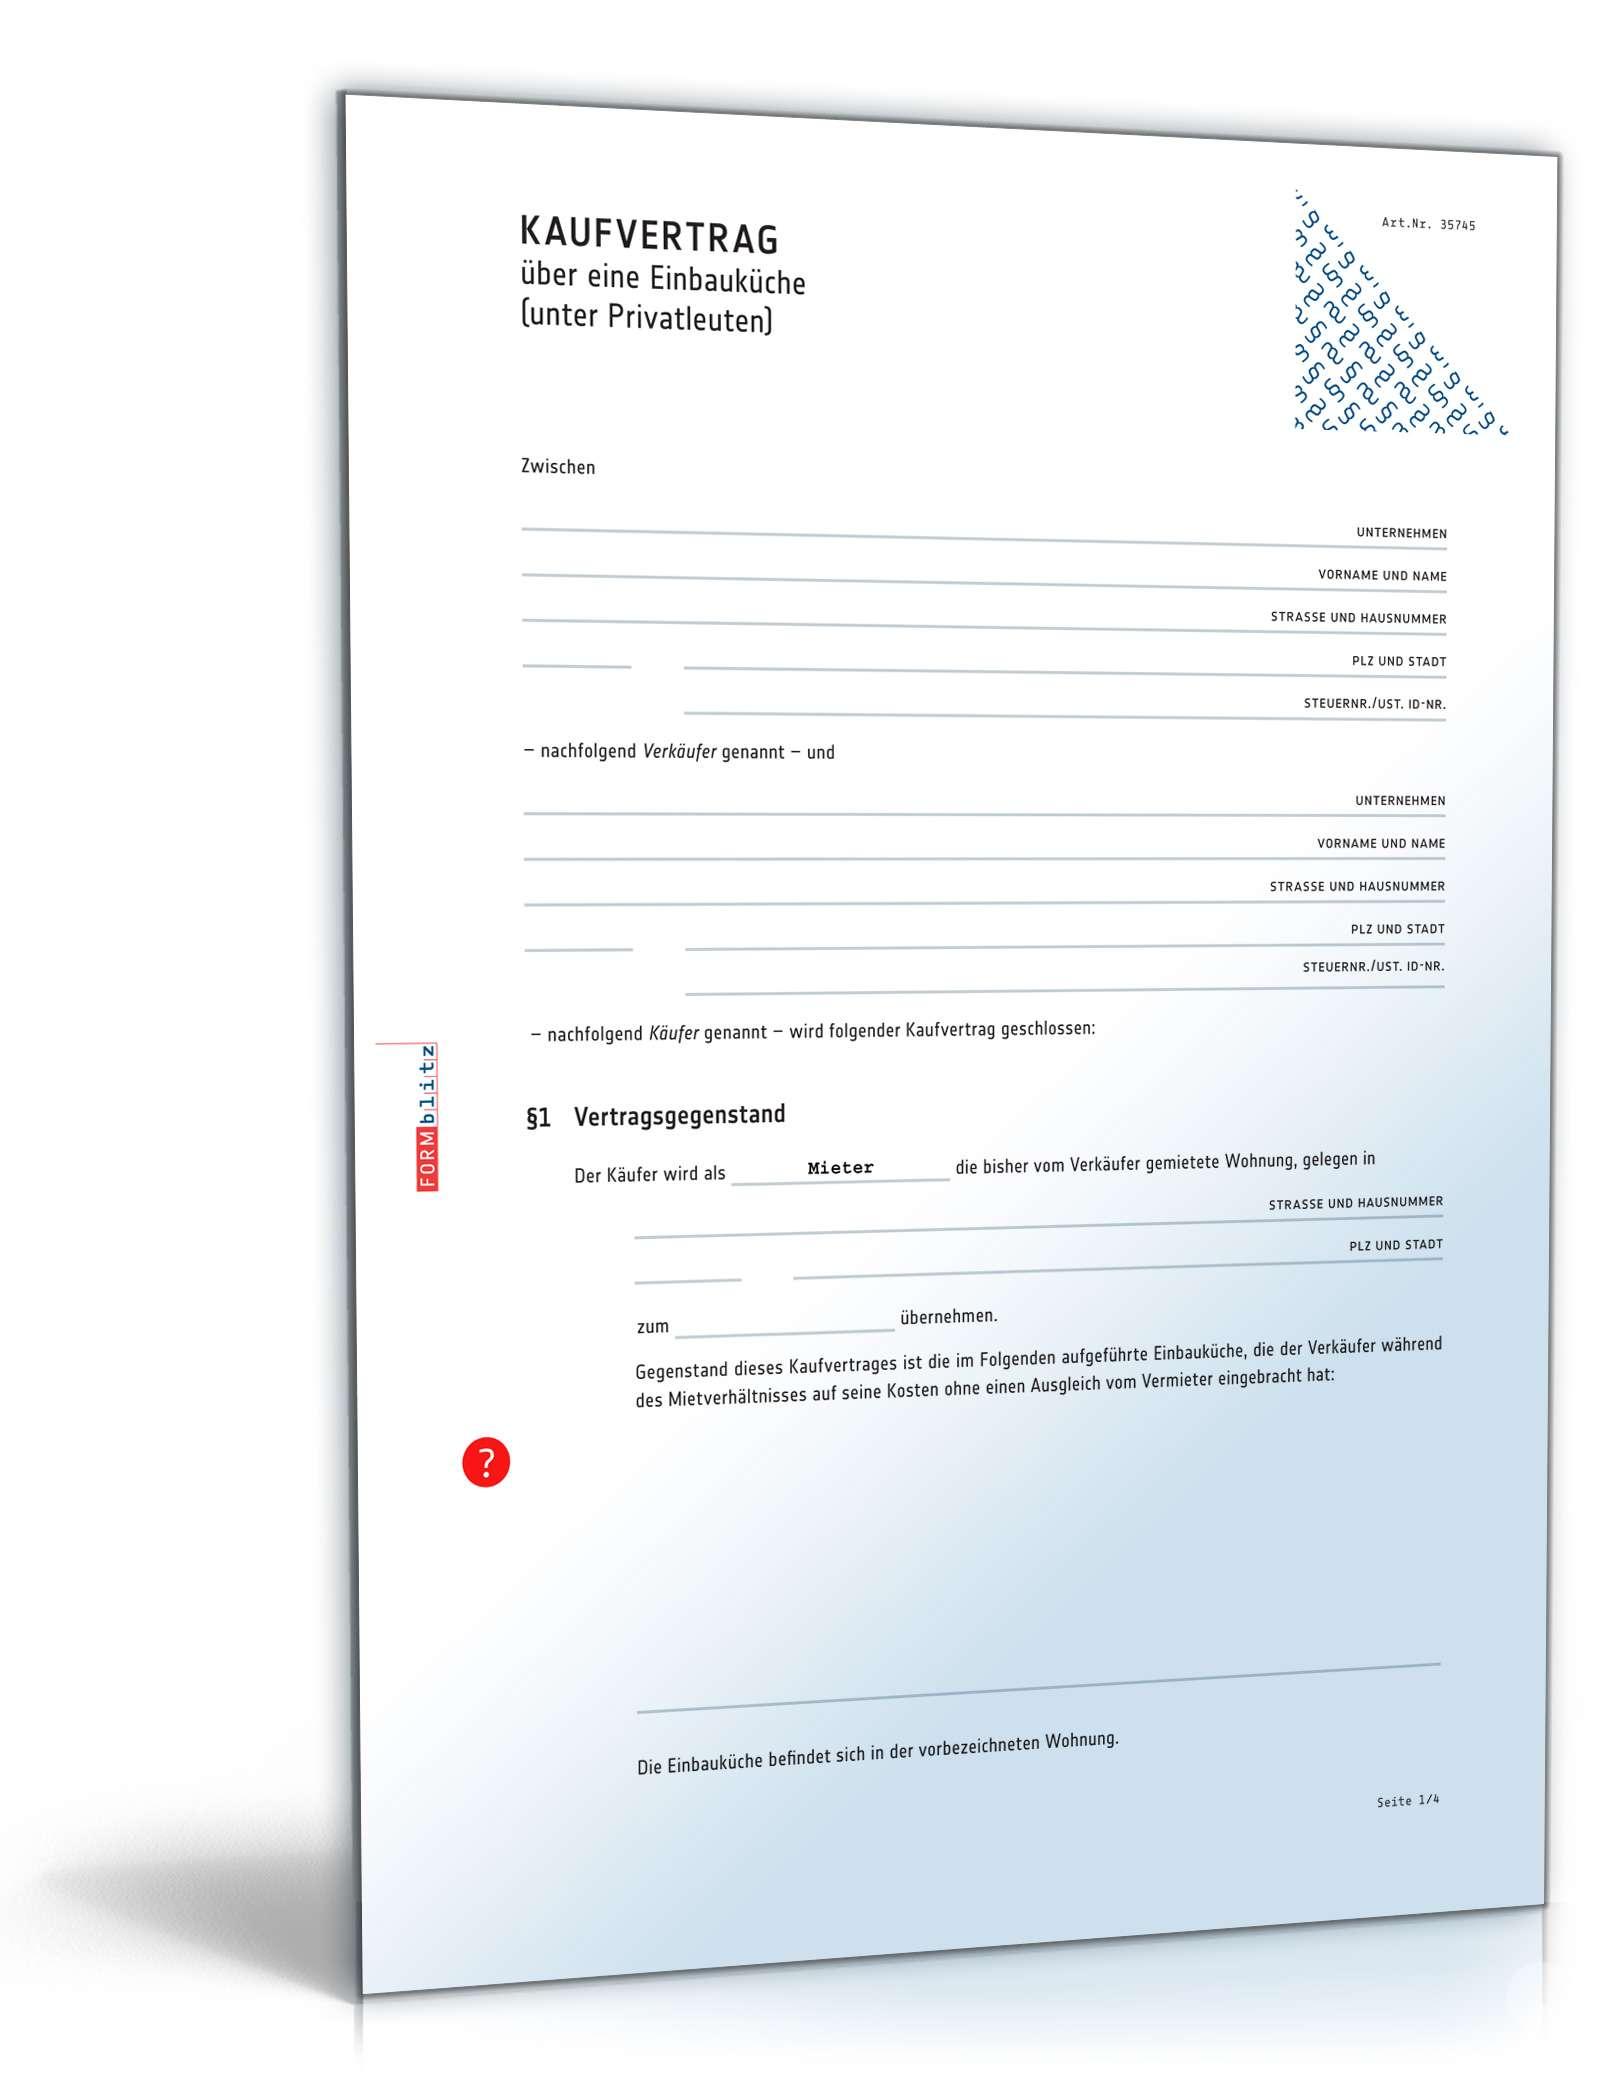 Vorlage Kaufvertrag Küche : kaufvertrag k che rechtssicheres muster zum download ~ Watch28wear.com Haus und Dekorationen